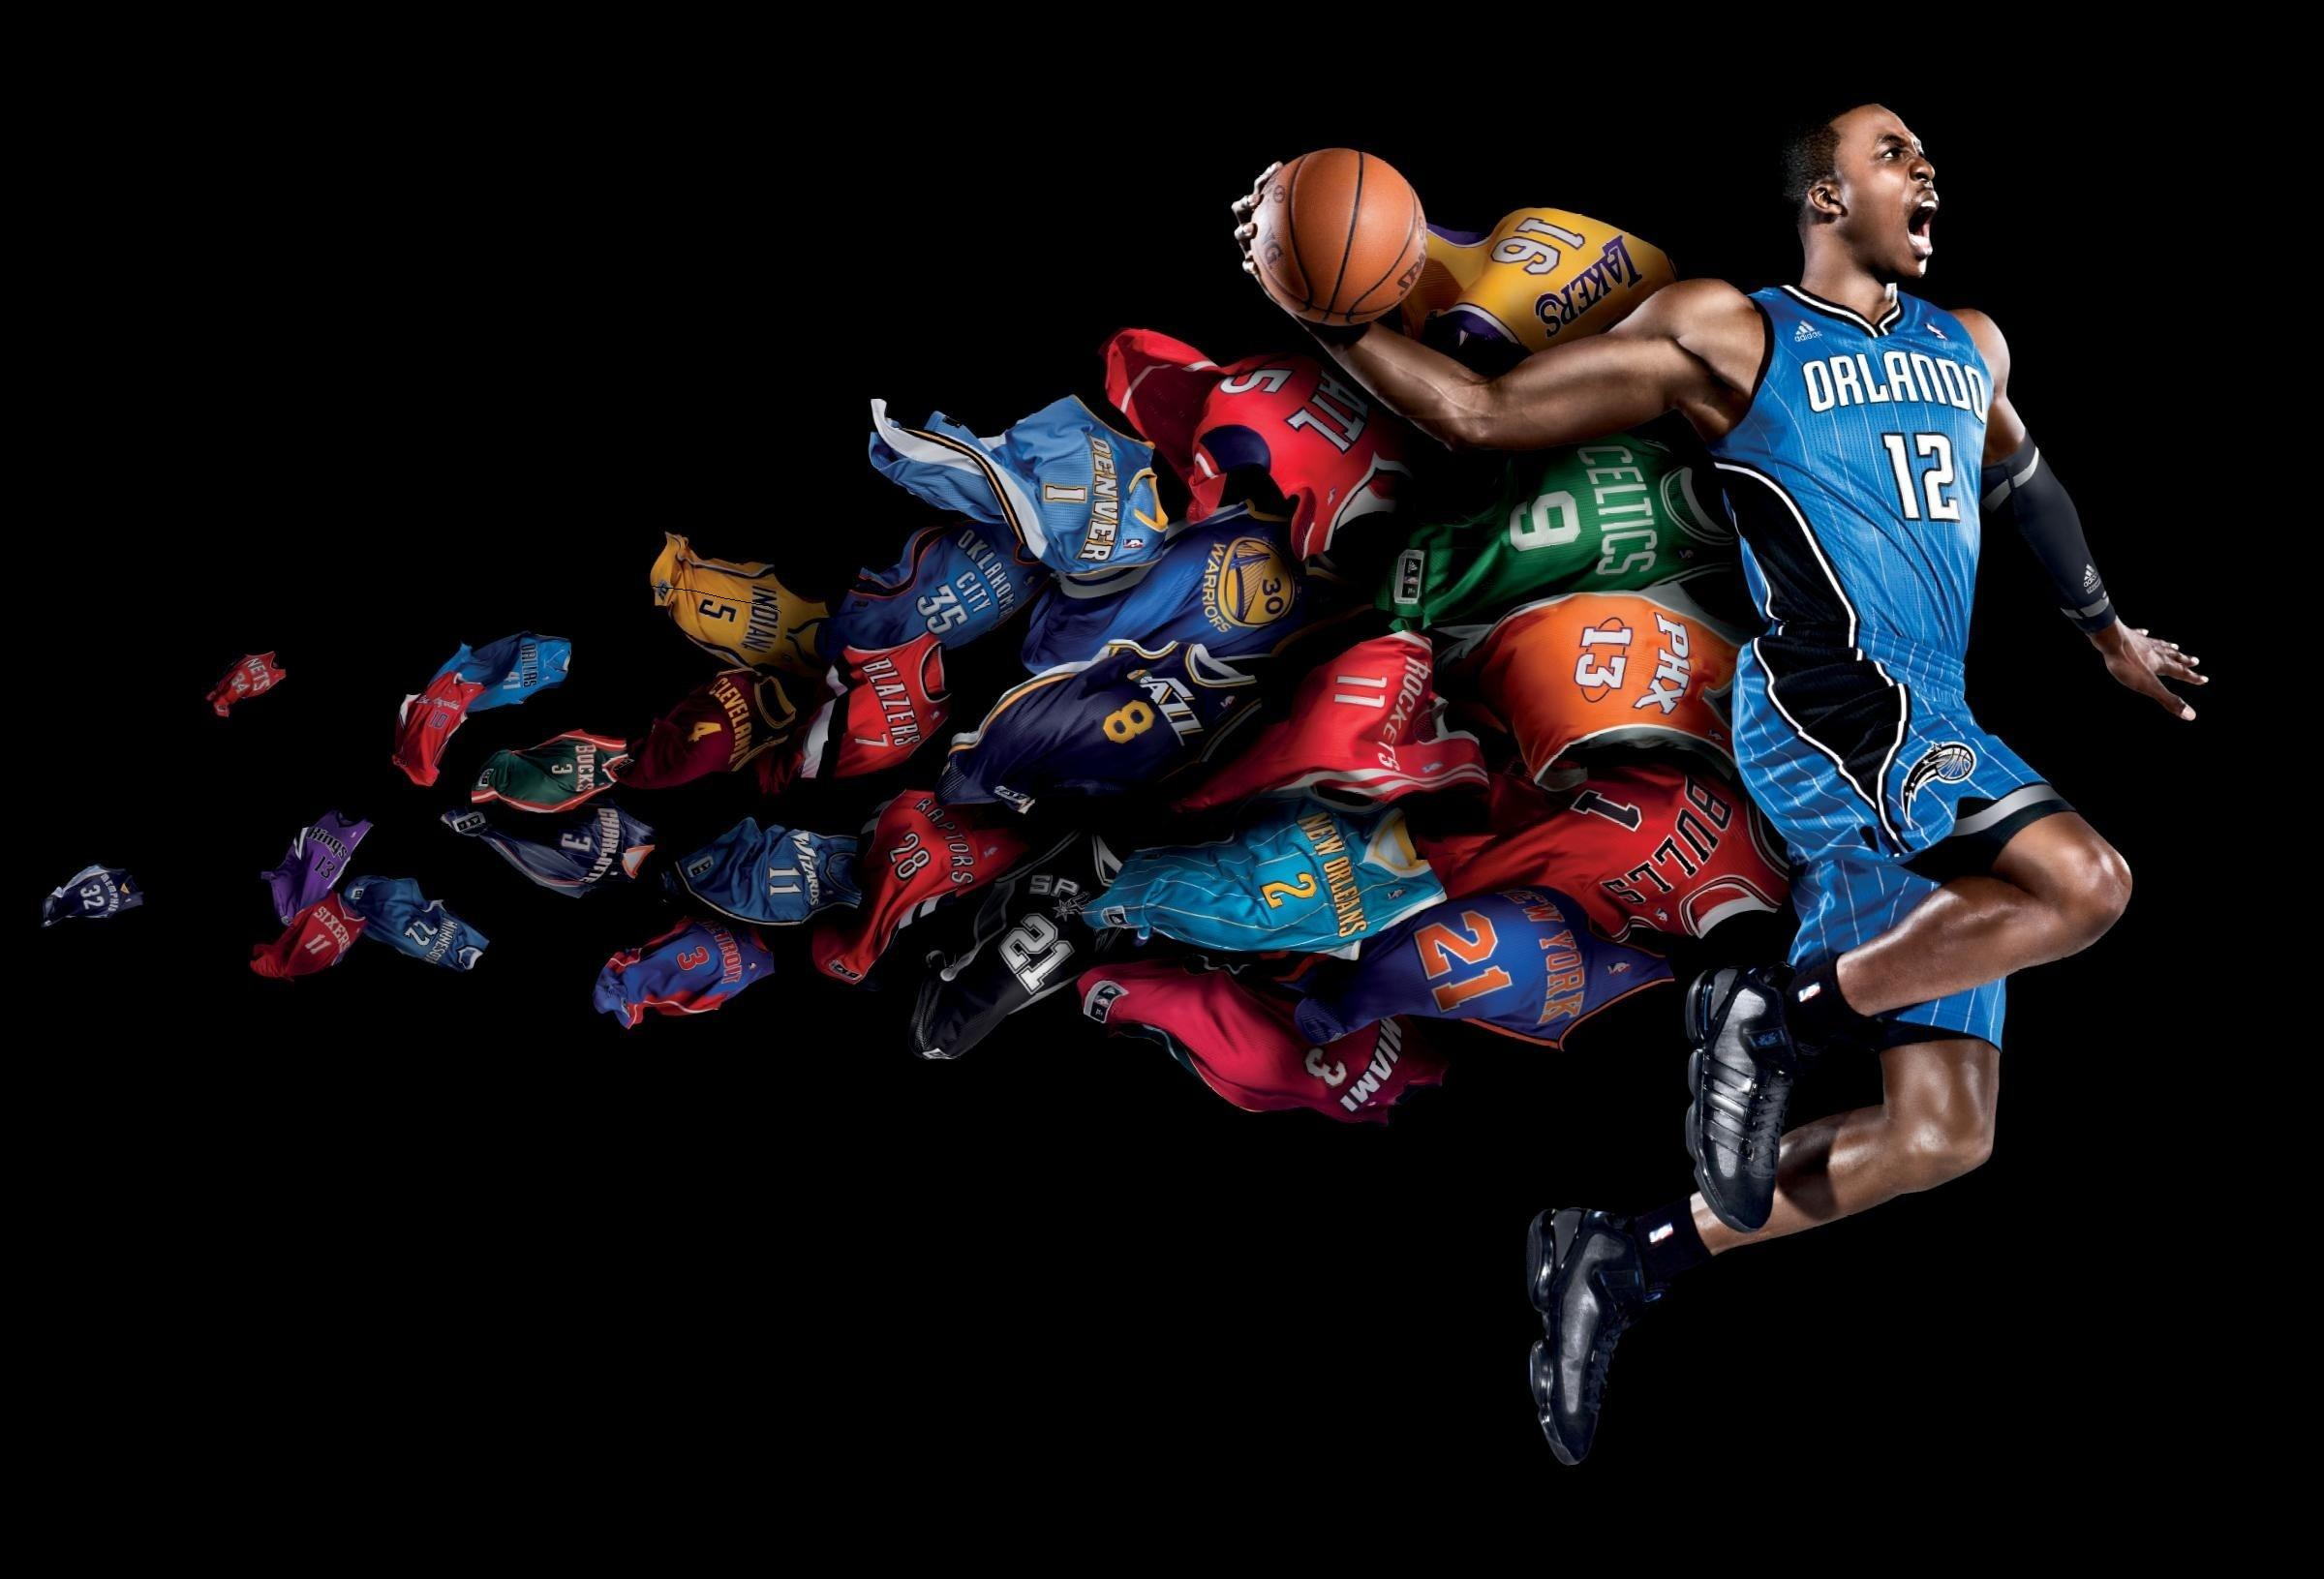 View Basket Wallpaper Hd JPG